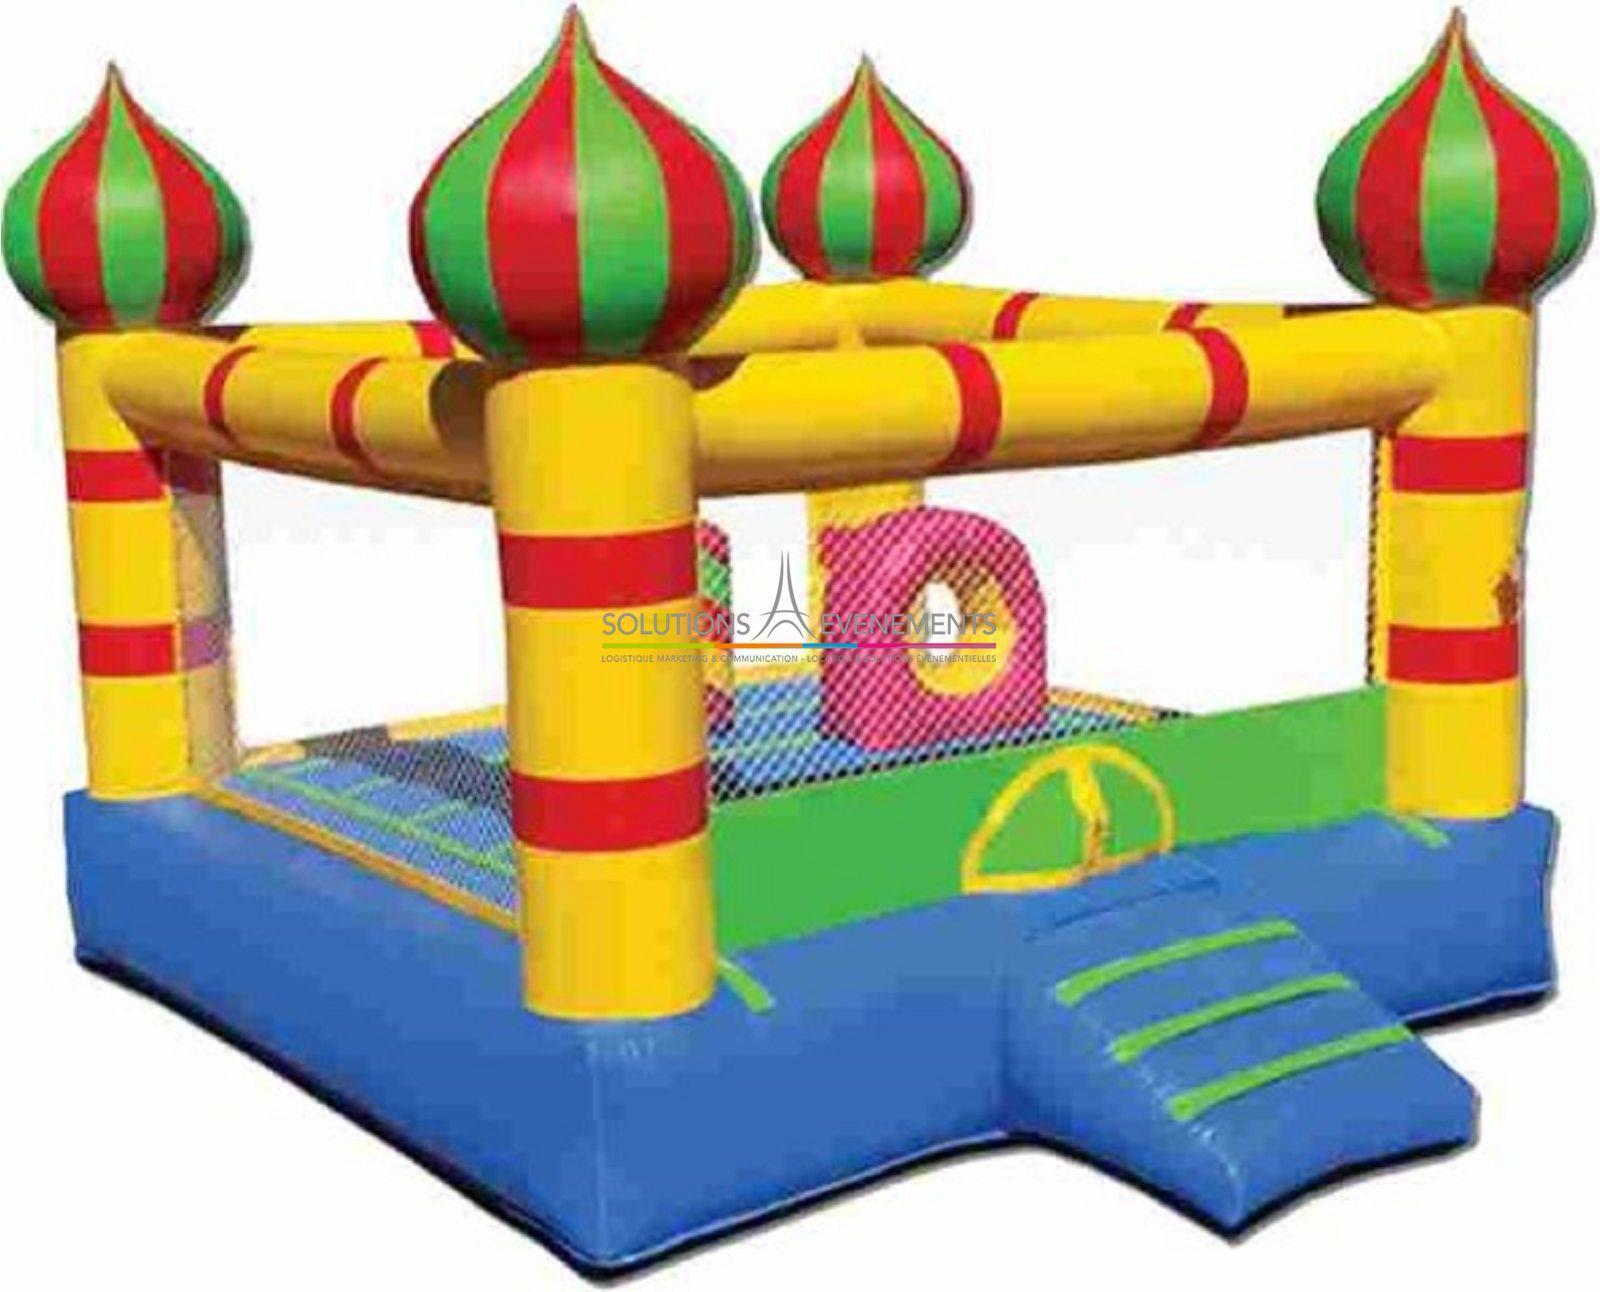 location chateau gonflable paris enfant structure jeux exterieur animation. Black Bedroom Furniture Sets. Home Design Ideas